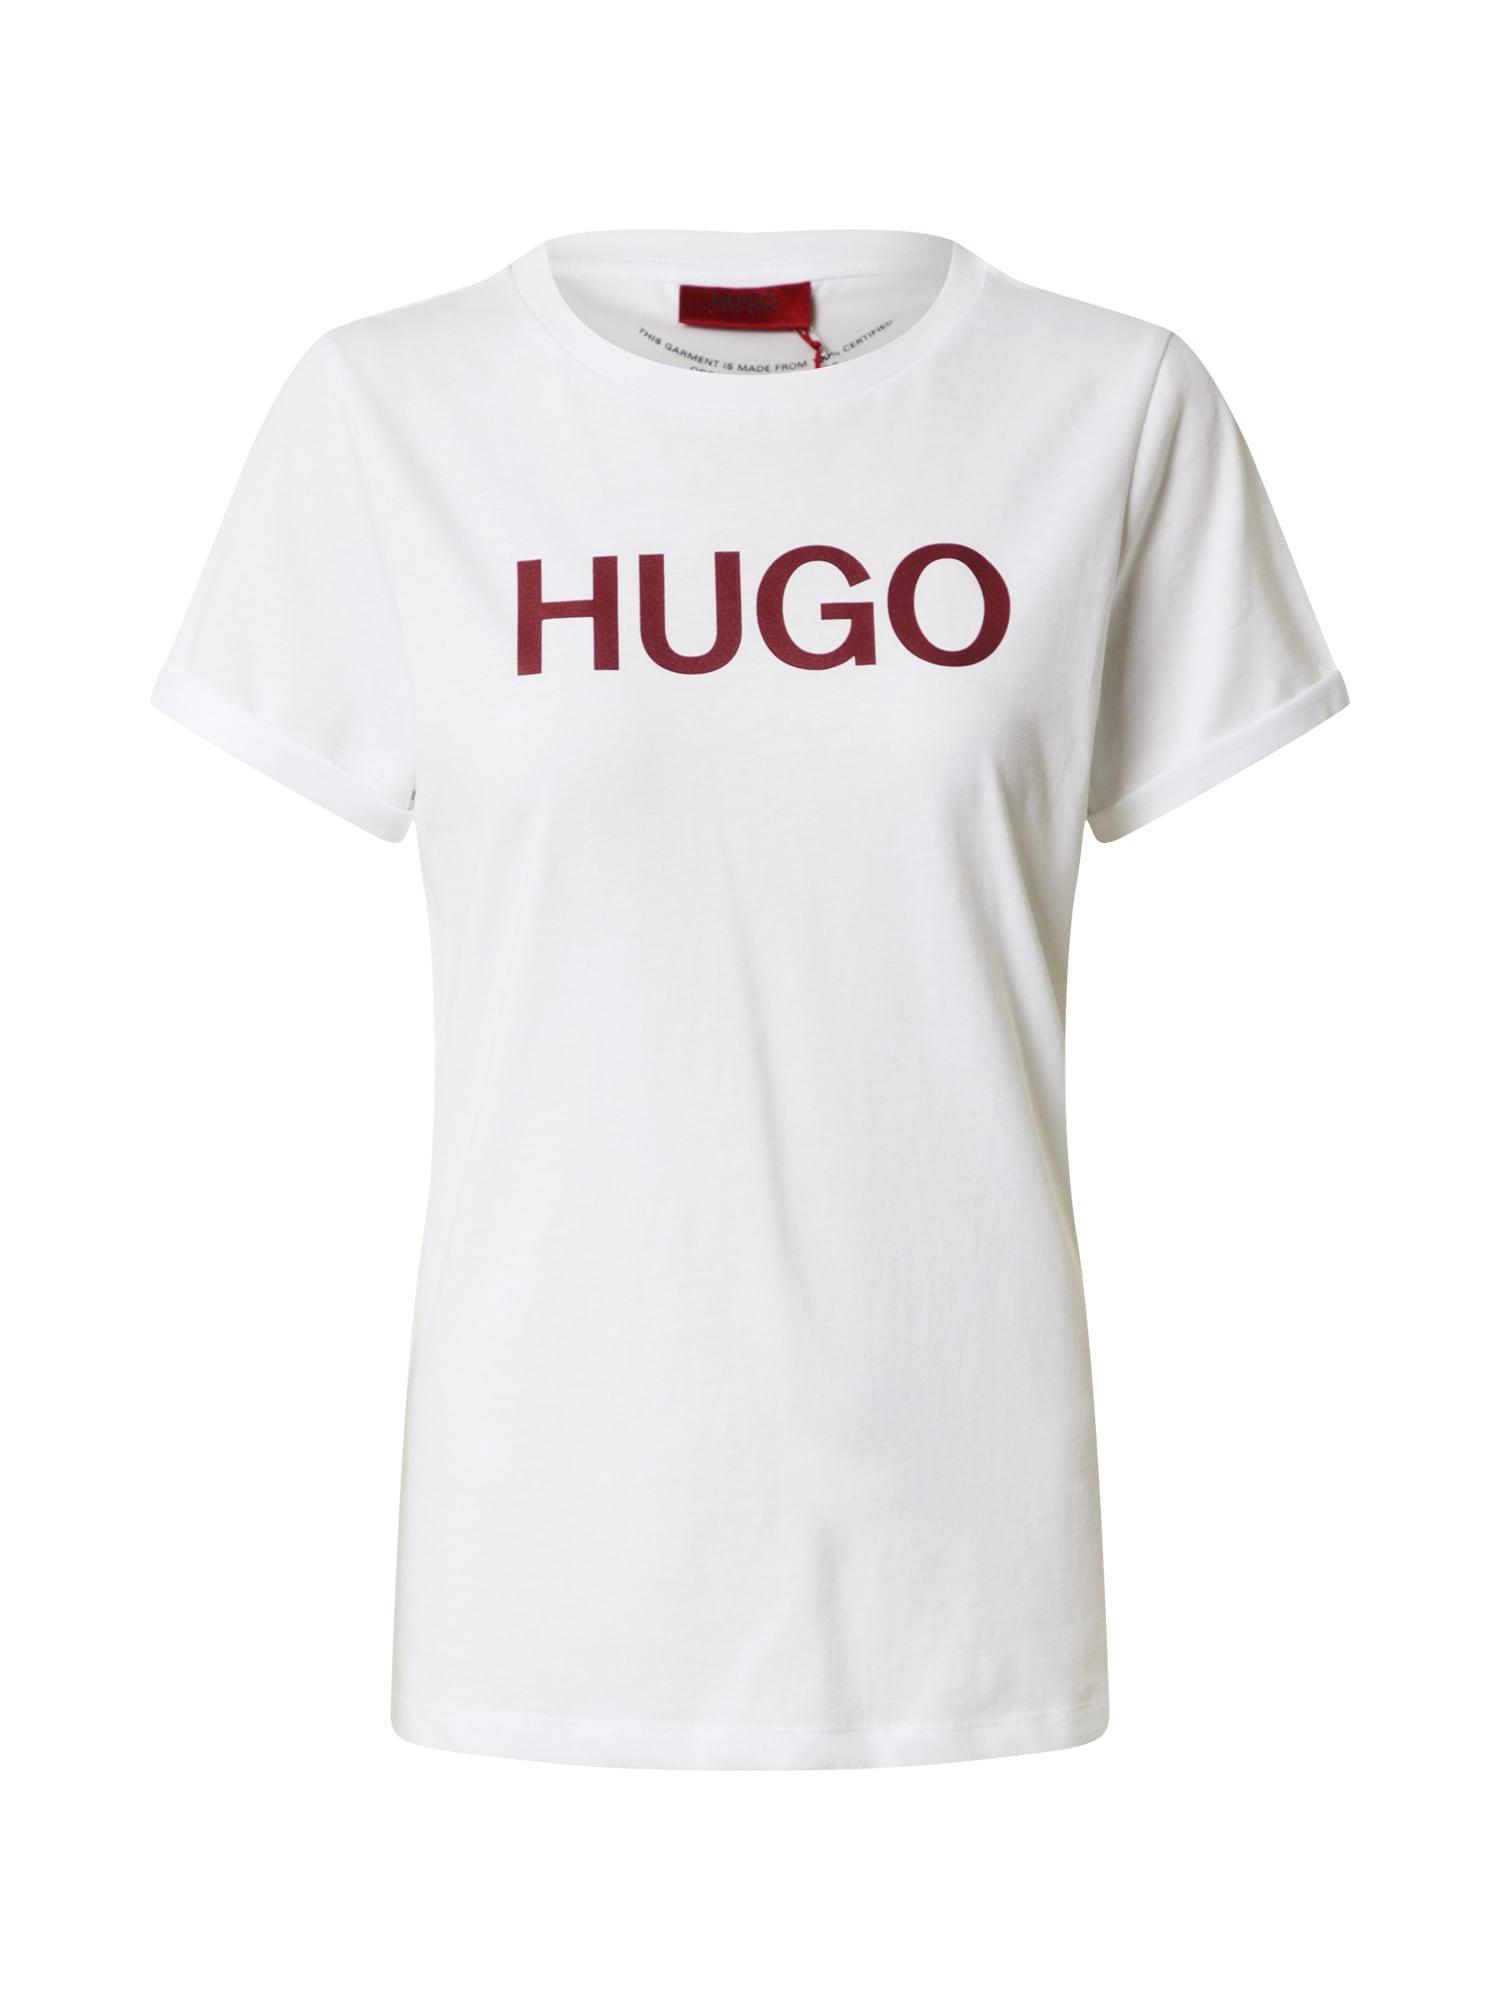 HUGO Marškinėliai balta / vyno raudona spalva